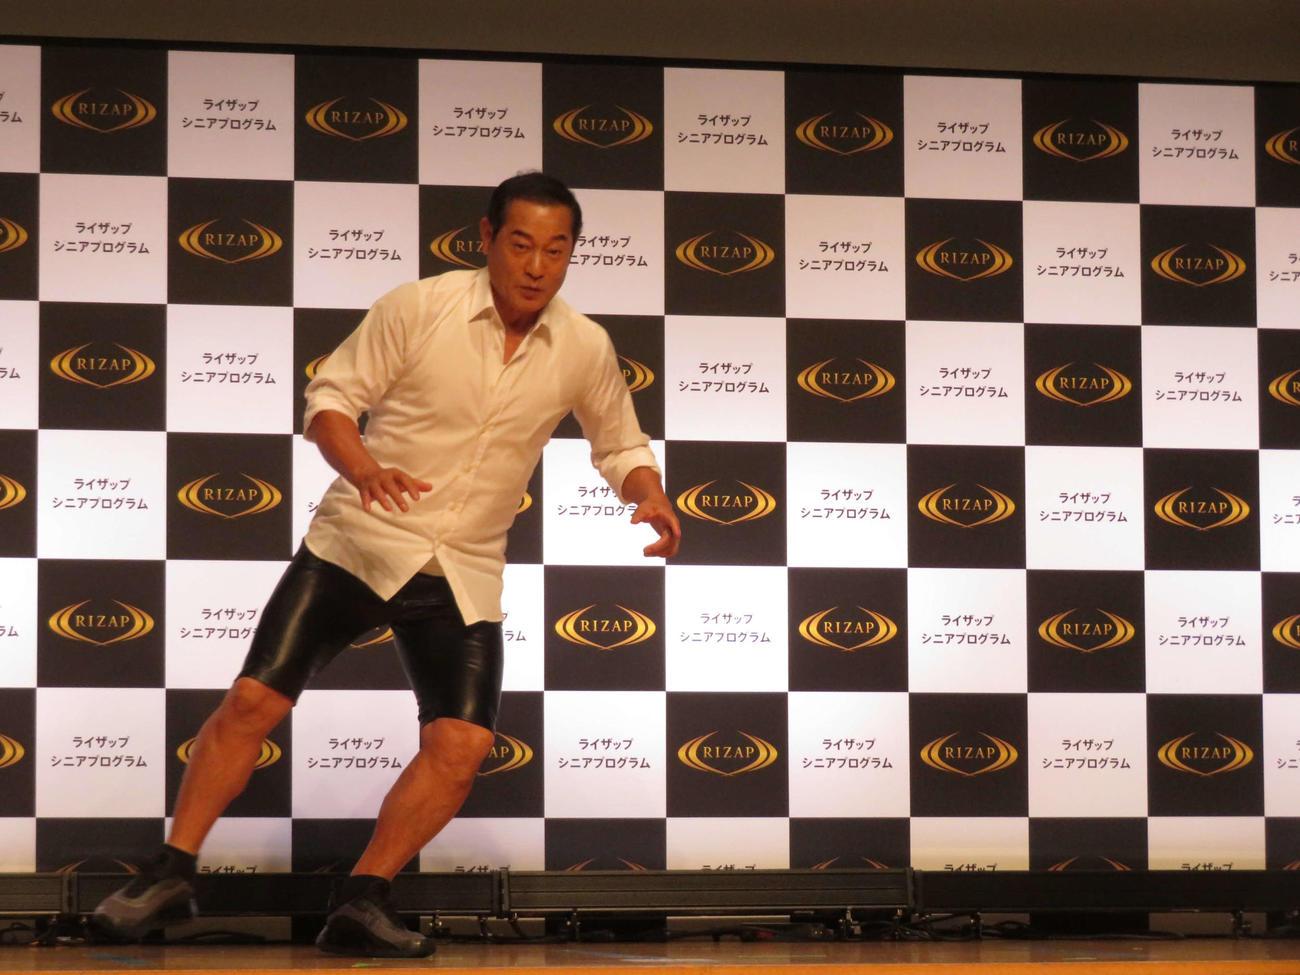 「ライザップ シニアプログラム」を受け、会見で軽やかに反復横跳びを披露する松平健(撮影・村上幸将)